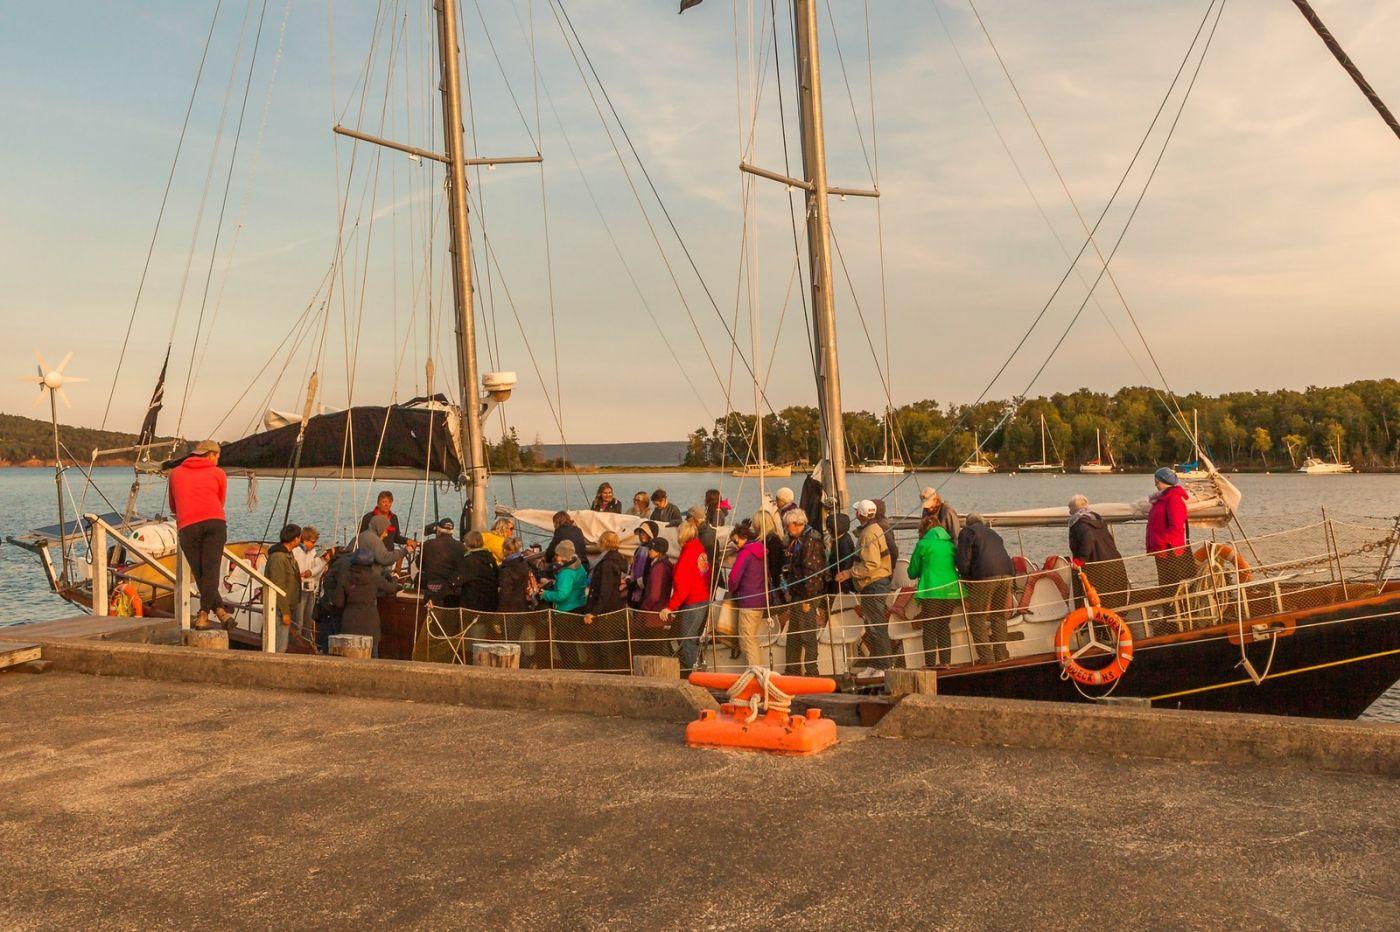 加拿大Nova Scotia, 帆船灯塔老鹰_图1-3